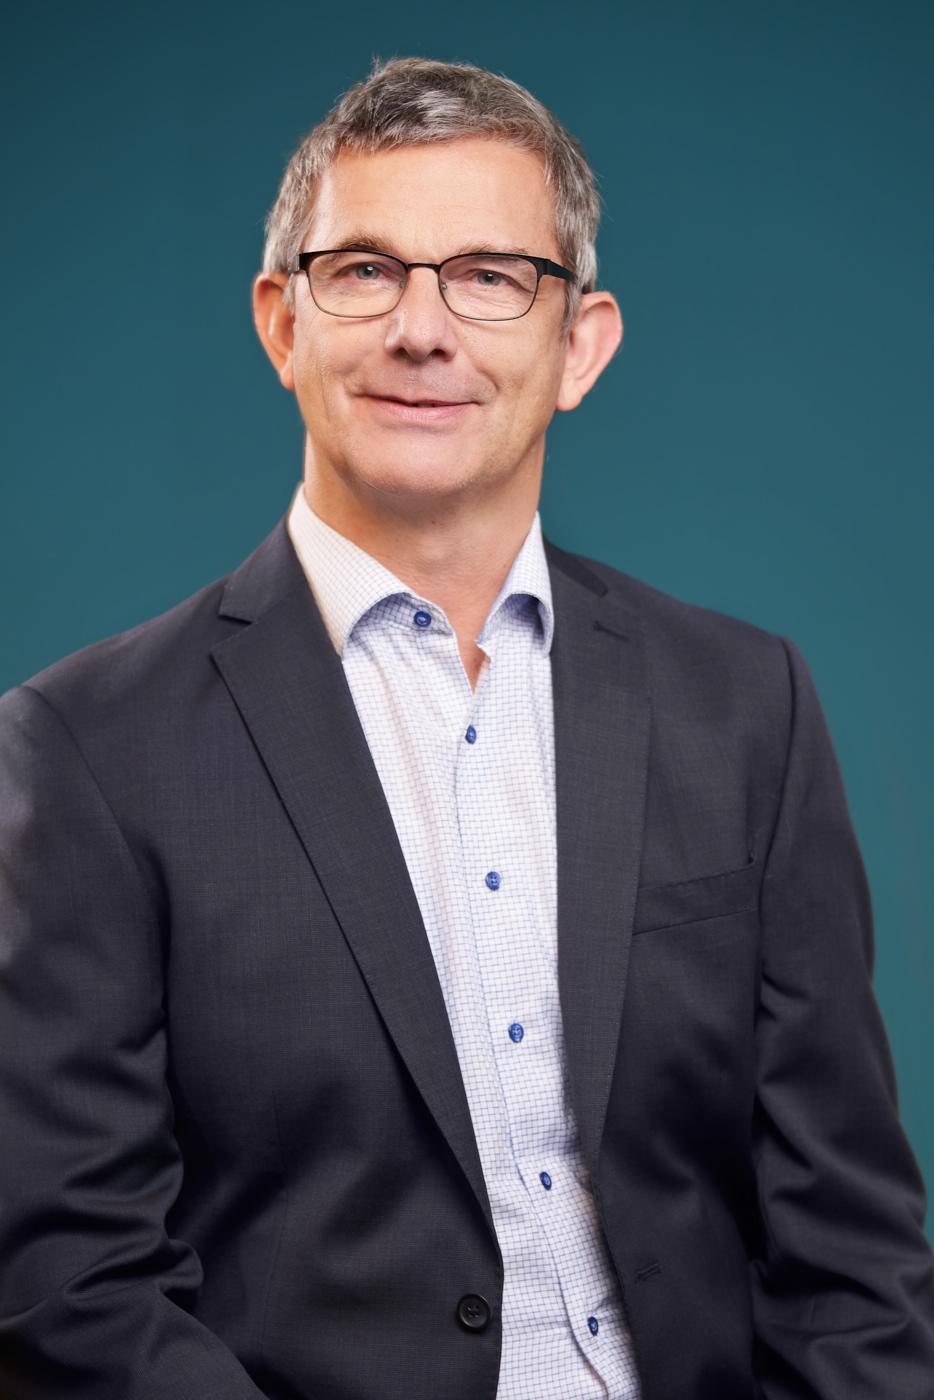 Theodor-Koenigs